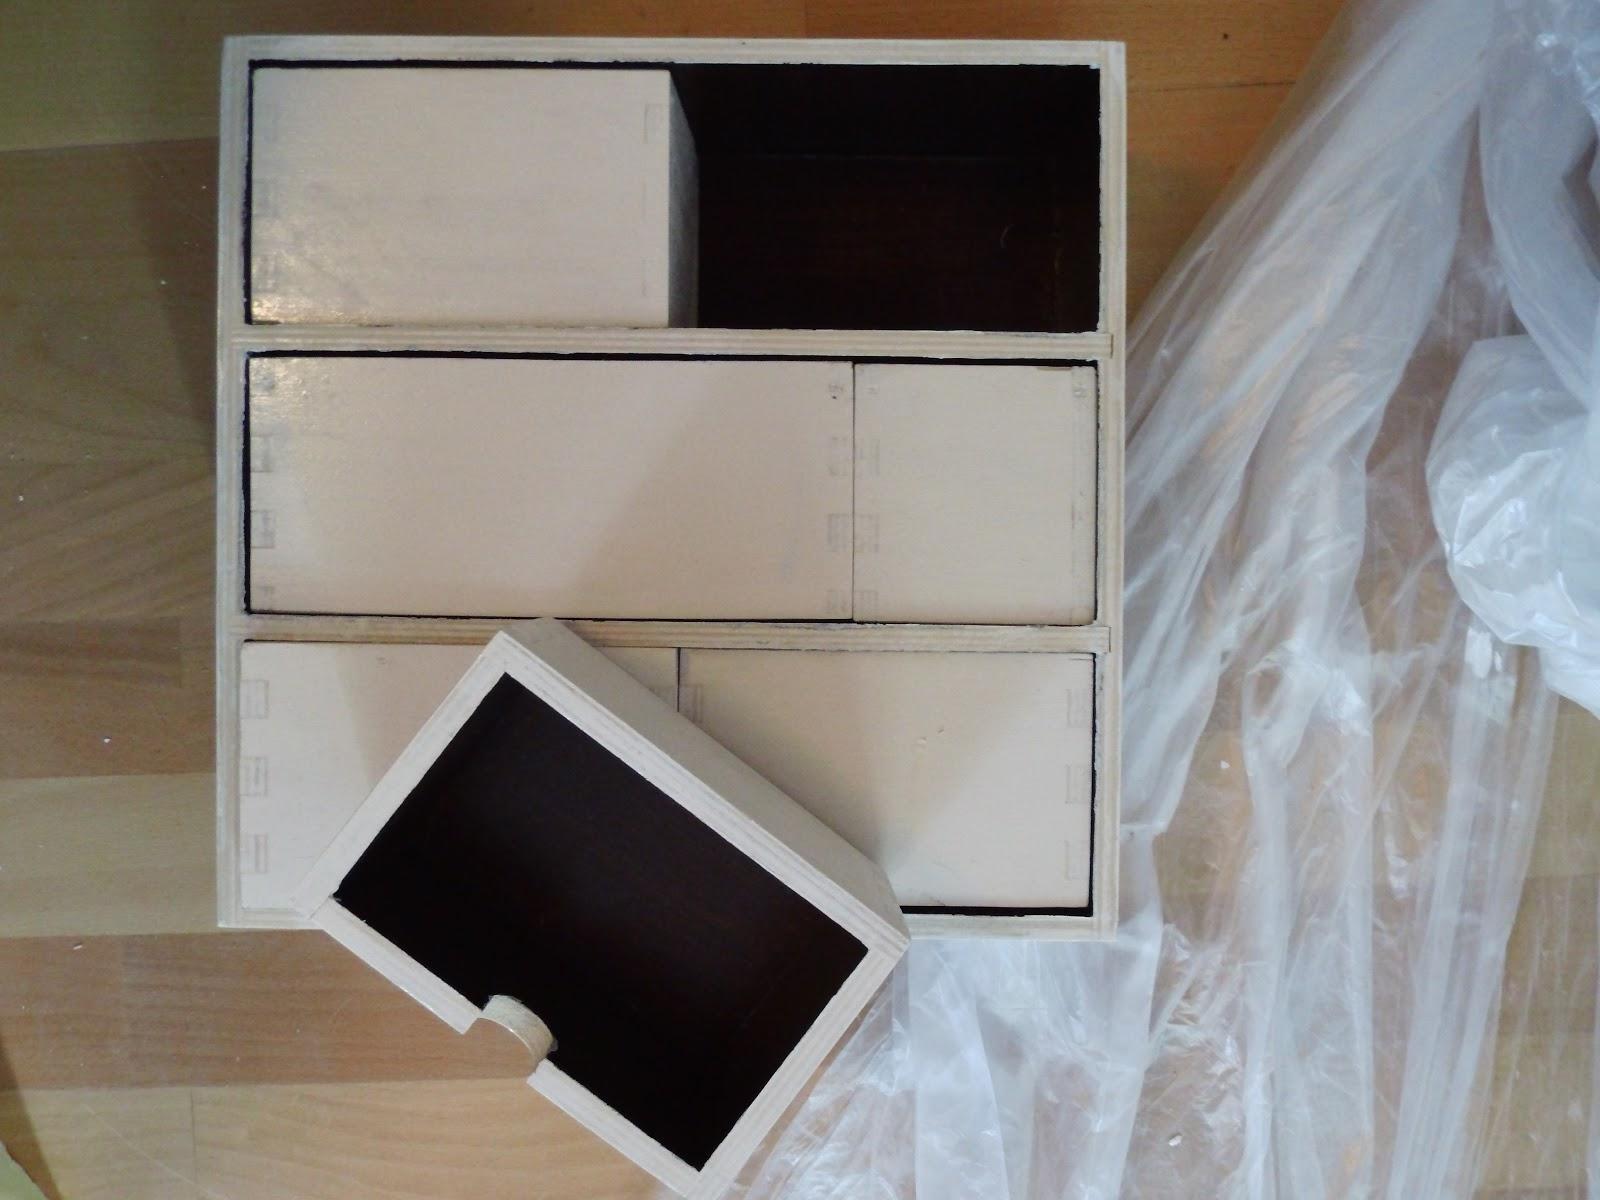 gesehen und gesehen werden ikea hack tutorial. Black Bedroom Furniture Sets. Home Design Ideas